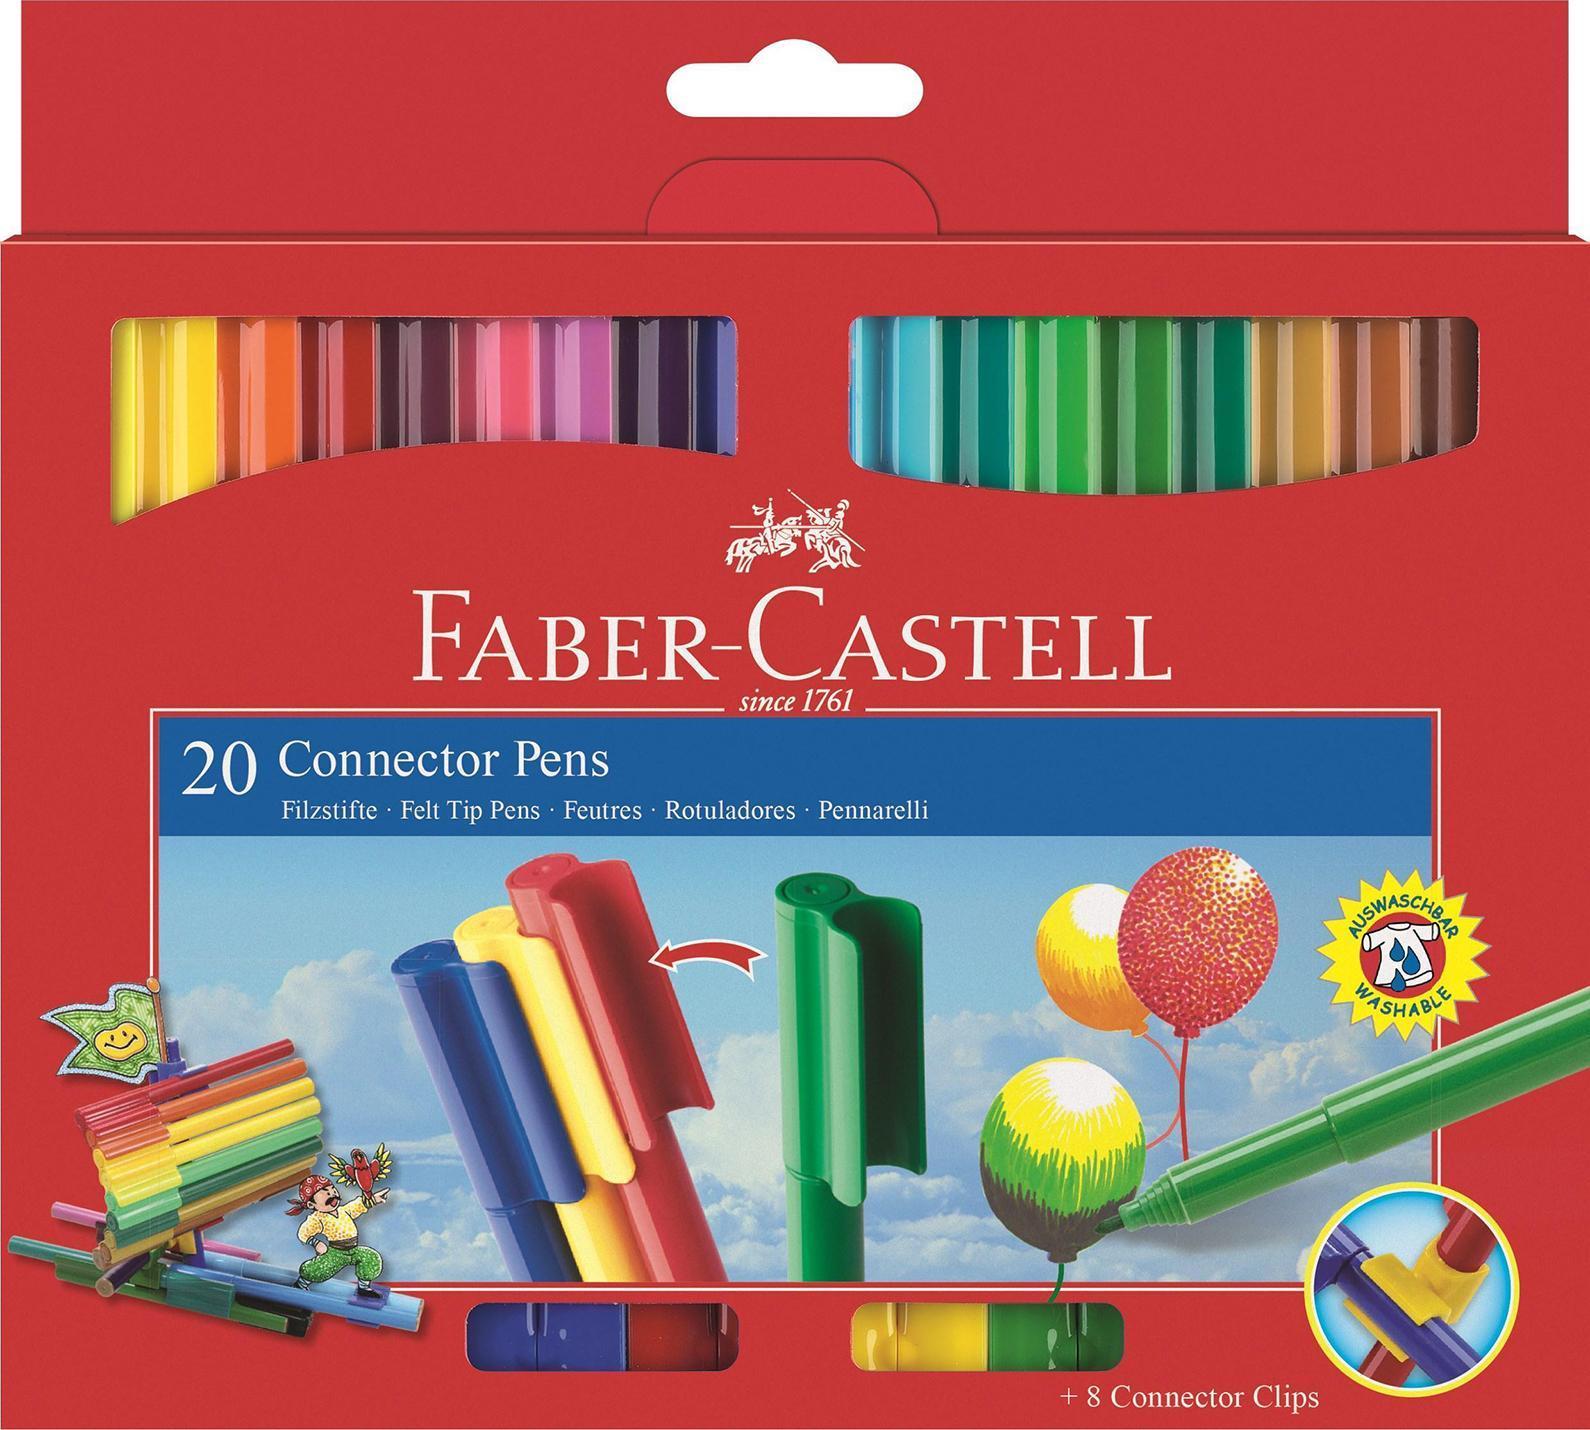 Faber-Castell Фломастеры 20 цветов155520Фломастеры Faber-Castell помогут маленькому художнику раскрыть свой творческий потенциал и рисовать и раскрашивать яркие картинки, развивая воображение, мелкую моторику и цветовосприятие.В наборе 20 разноцветных фломастеров с колпачками, дополненными пластиковыми клипами, благодаря чему фломастеры легко соединяются между собой. Фломастеры удобно брать в собой в поездку, на прогулку. Соединенные между собой необычными клип-зажимами, они не потеряются. Фломастеры изготовлены из пластика, который обеспечивает прочность корпуса и препятствует испарению чернил, благодаря чему они имеют долгий срок службы.